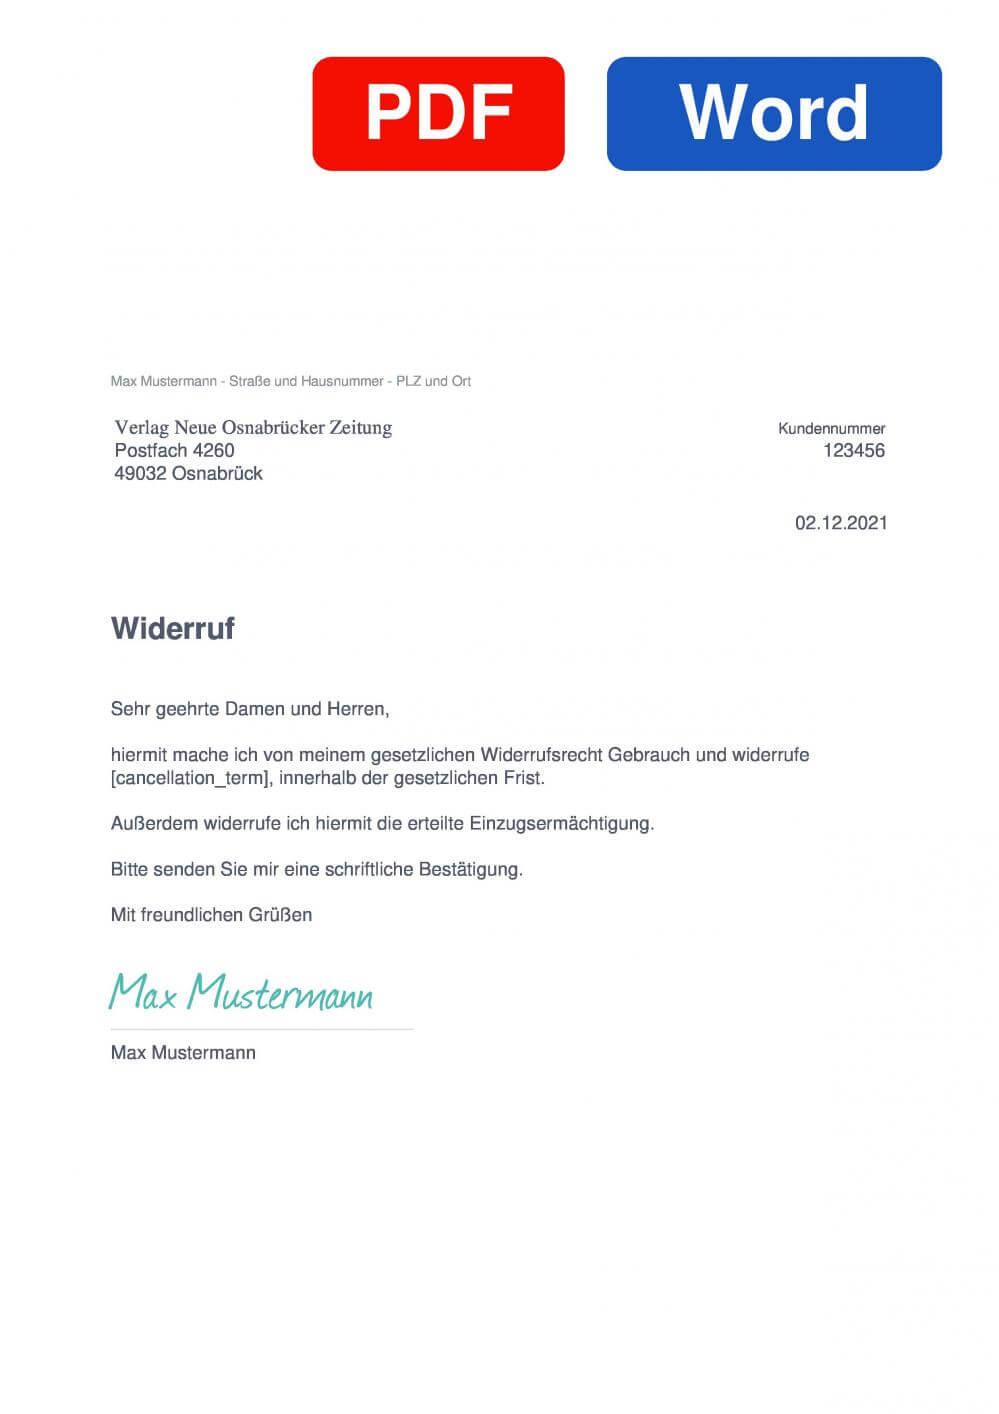 Neue Osnabrücker Zeitung Muster Vorlage für Wiederrufsschreiben